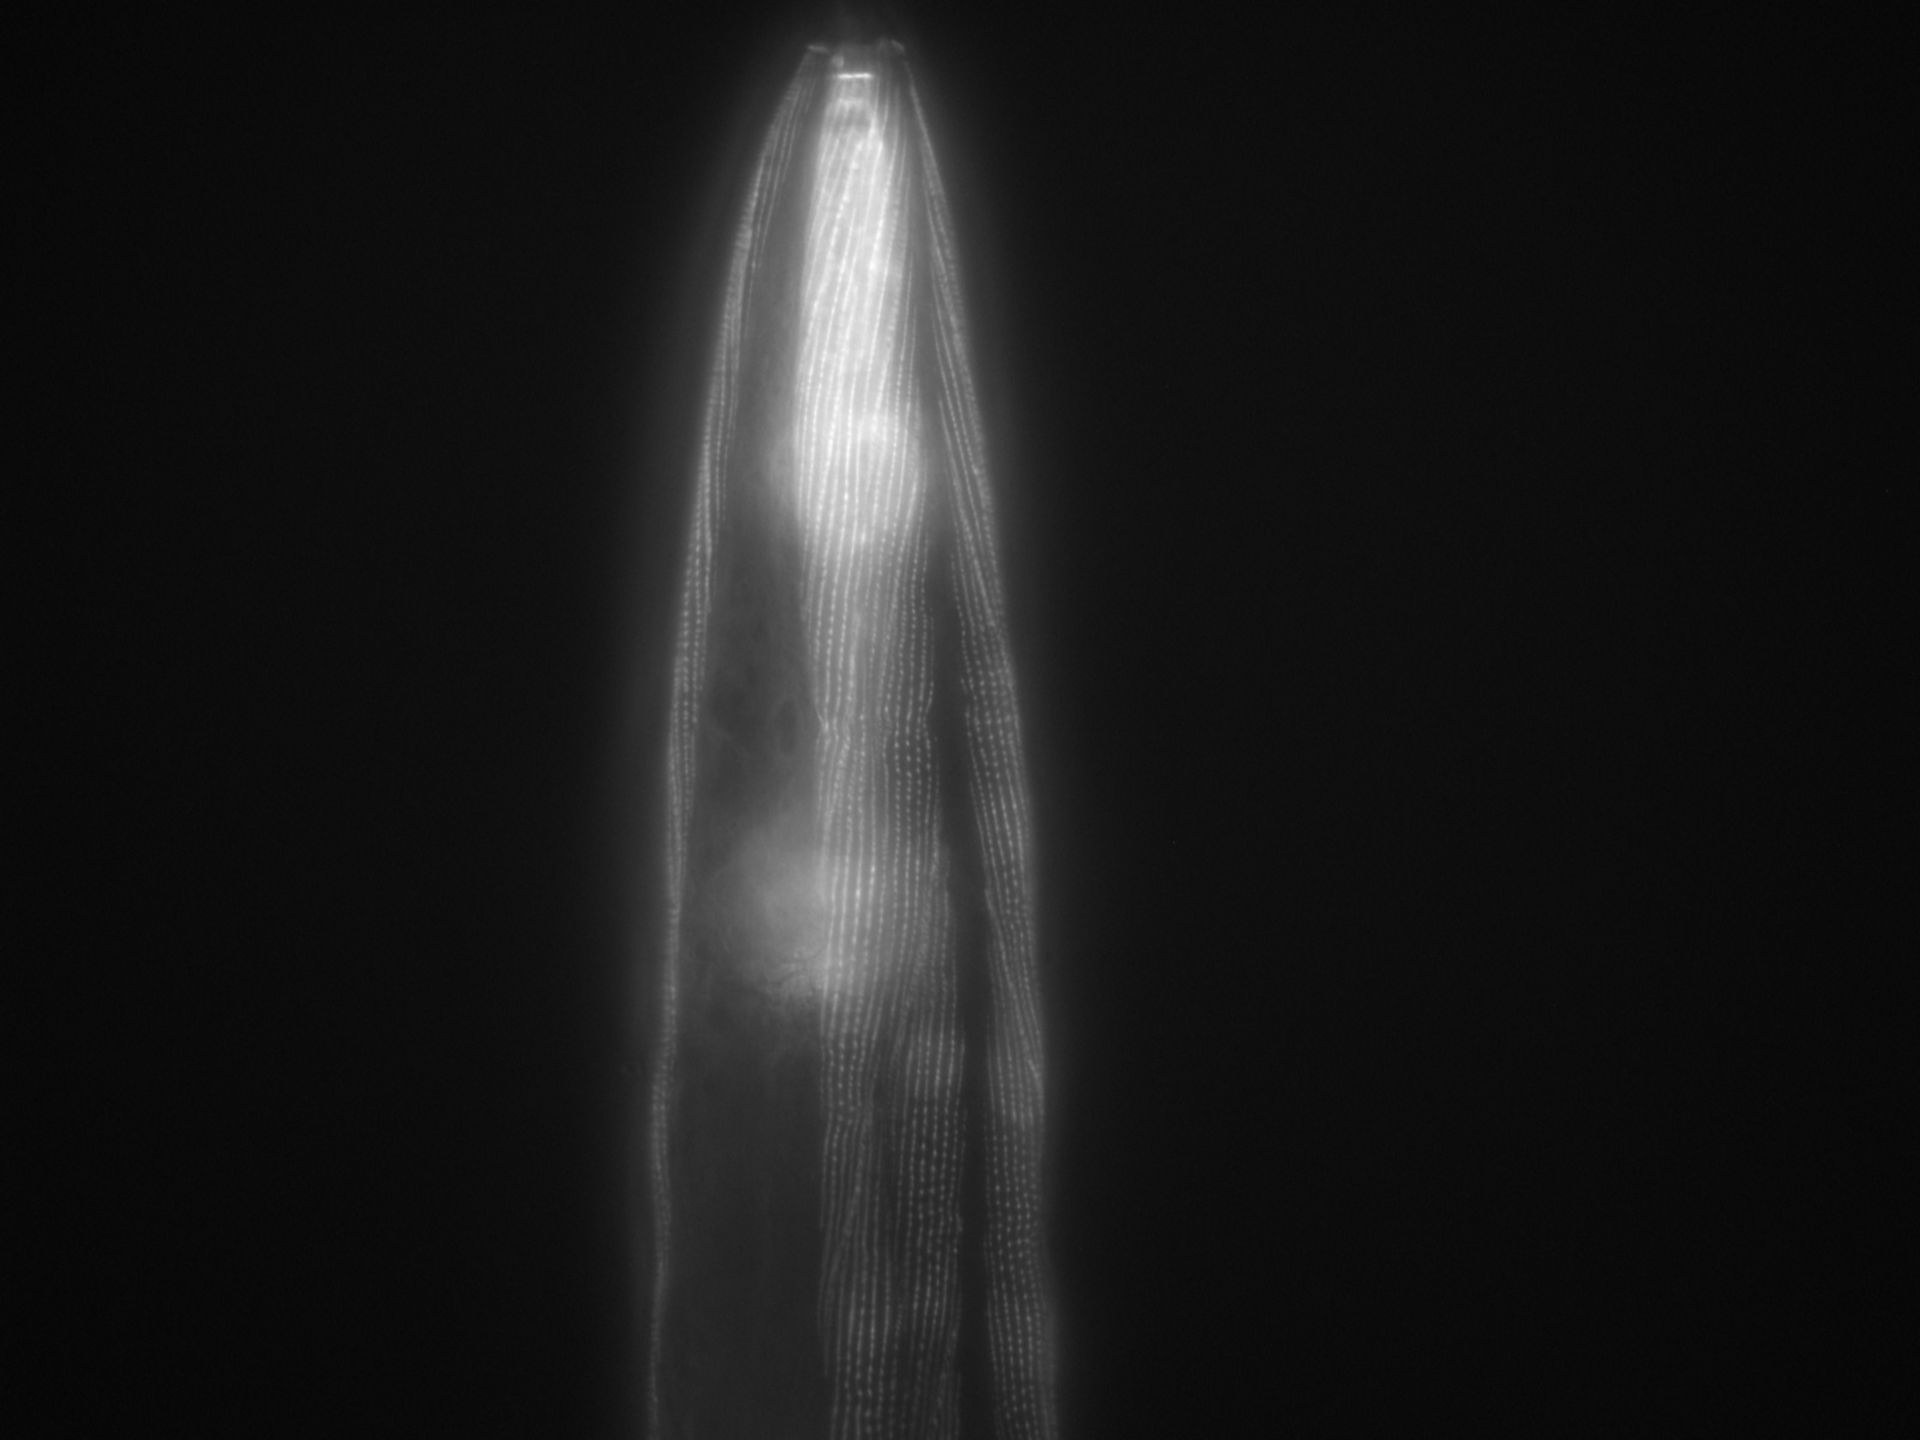 Caenorhabditis elegans (Actin filament) - CIL:1024